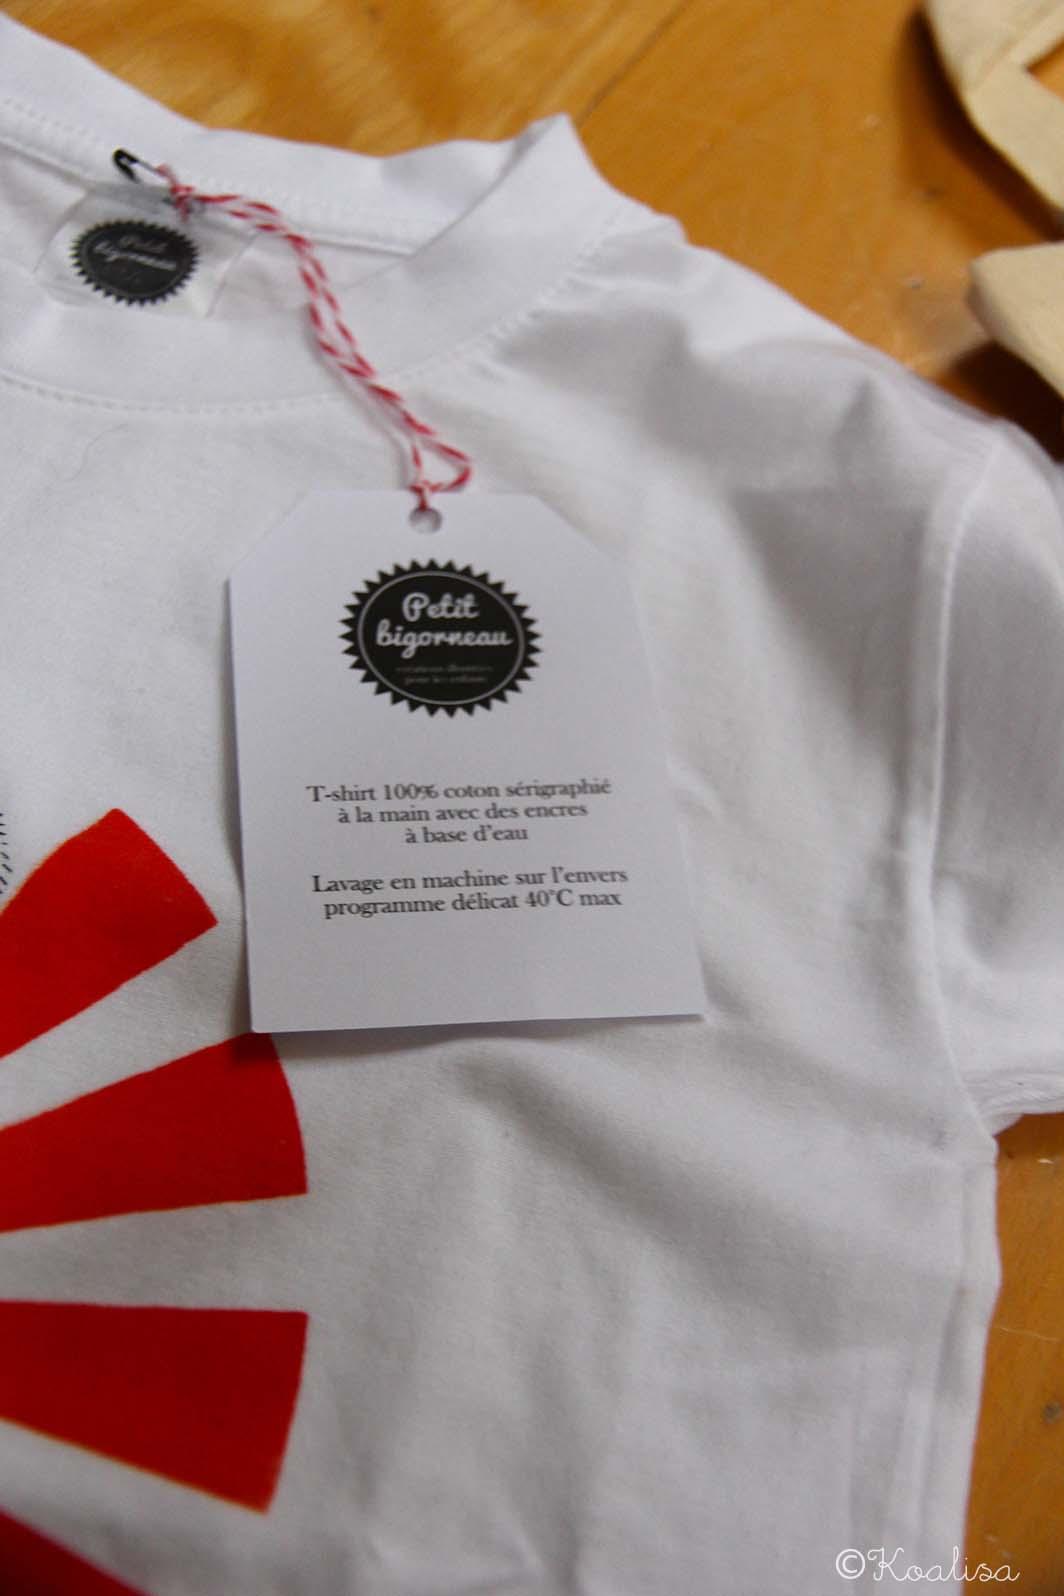 t-shirt panda petit bigorneau